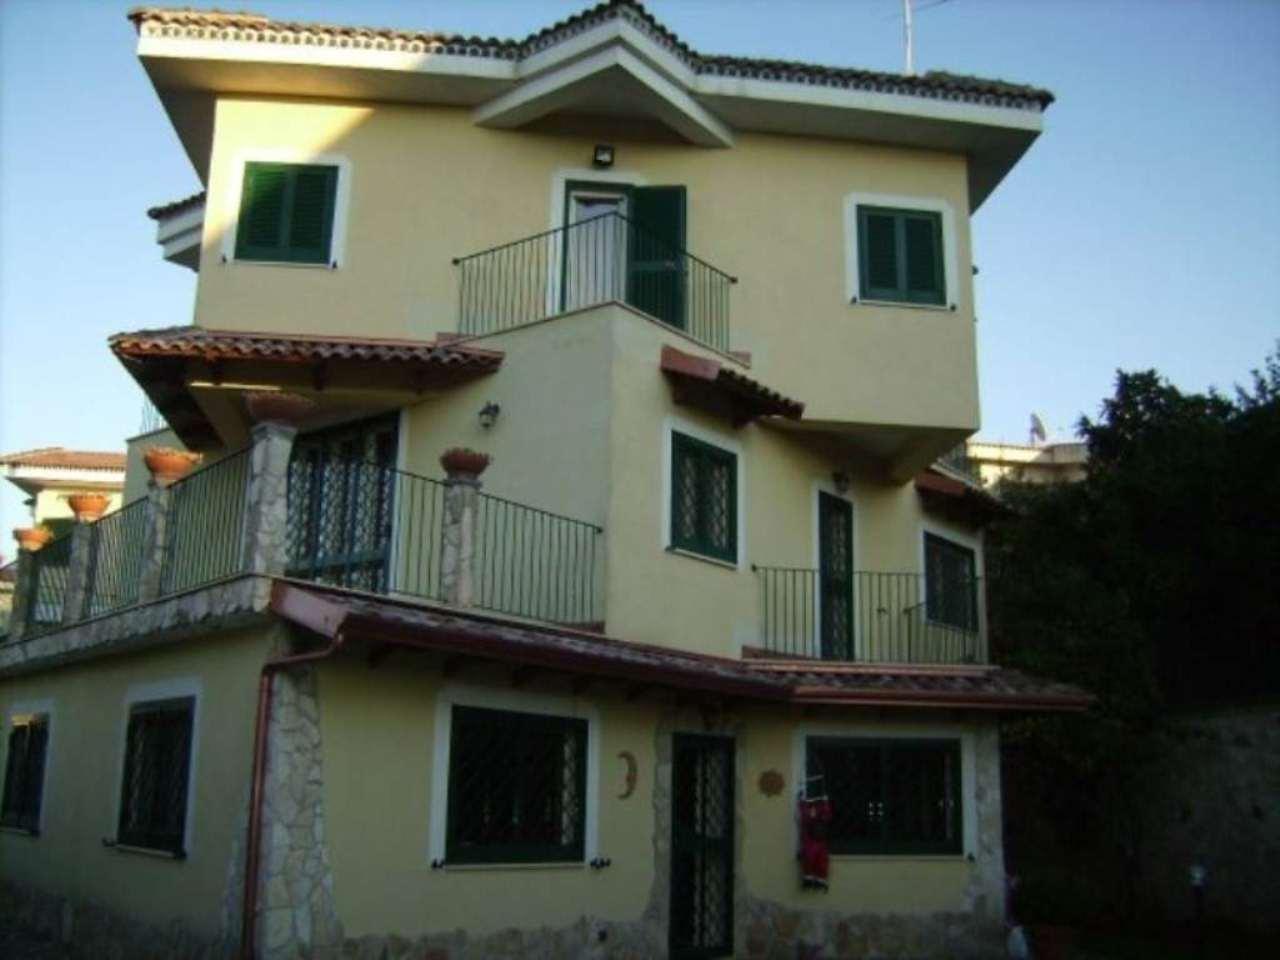 Villa in vendita a Marano di Napoli, 6 locali, prezzo € 580.000   Cambio Casa.it